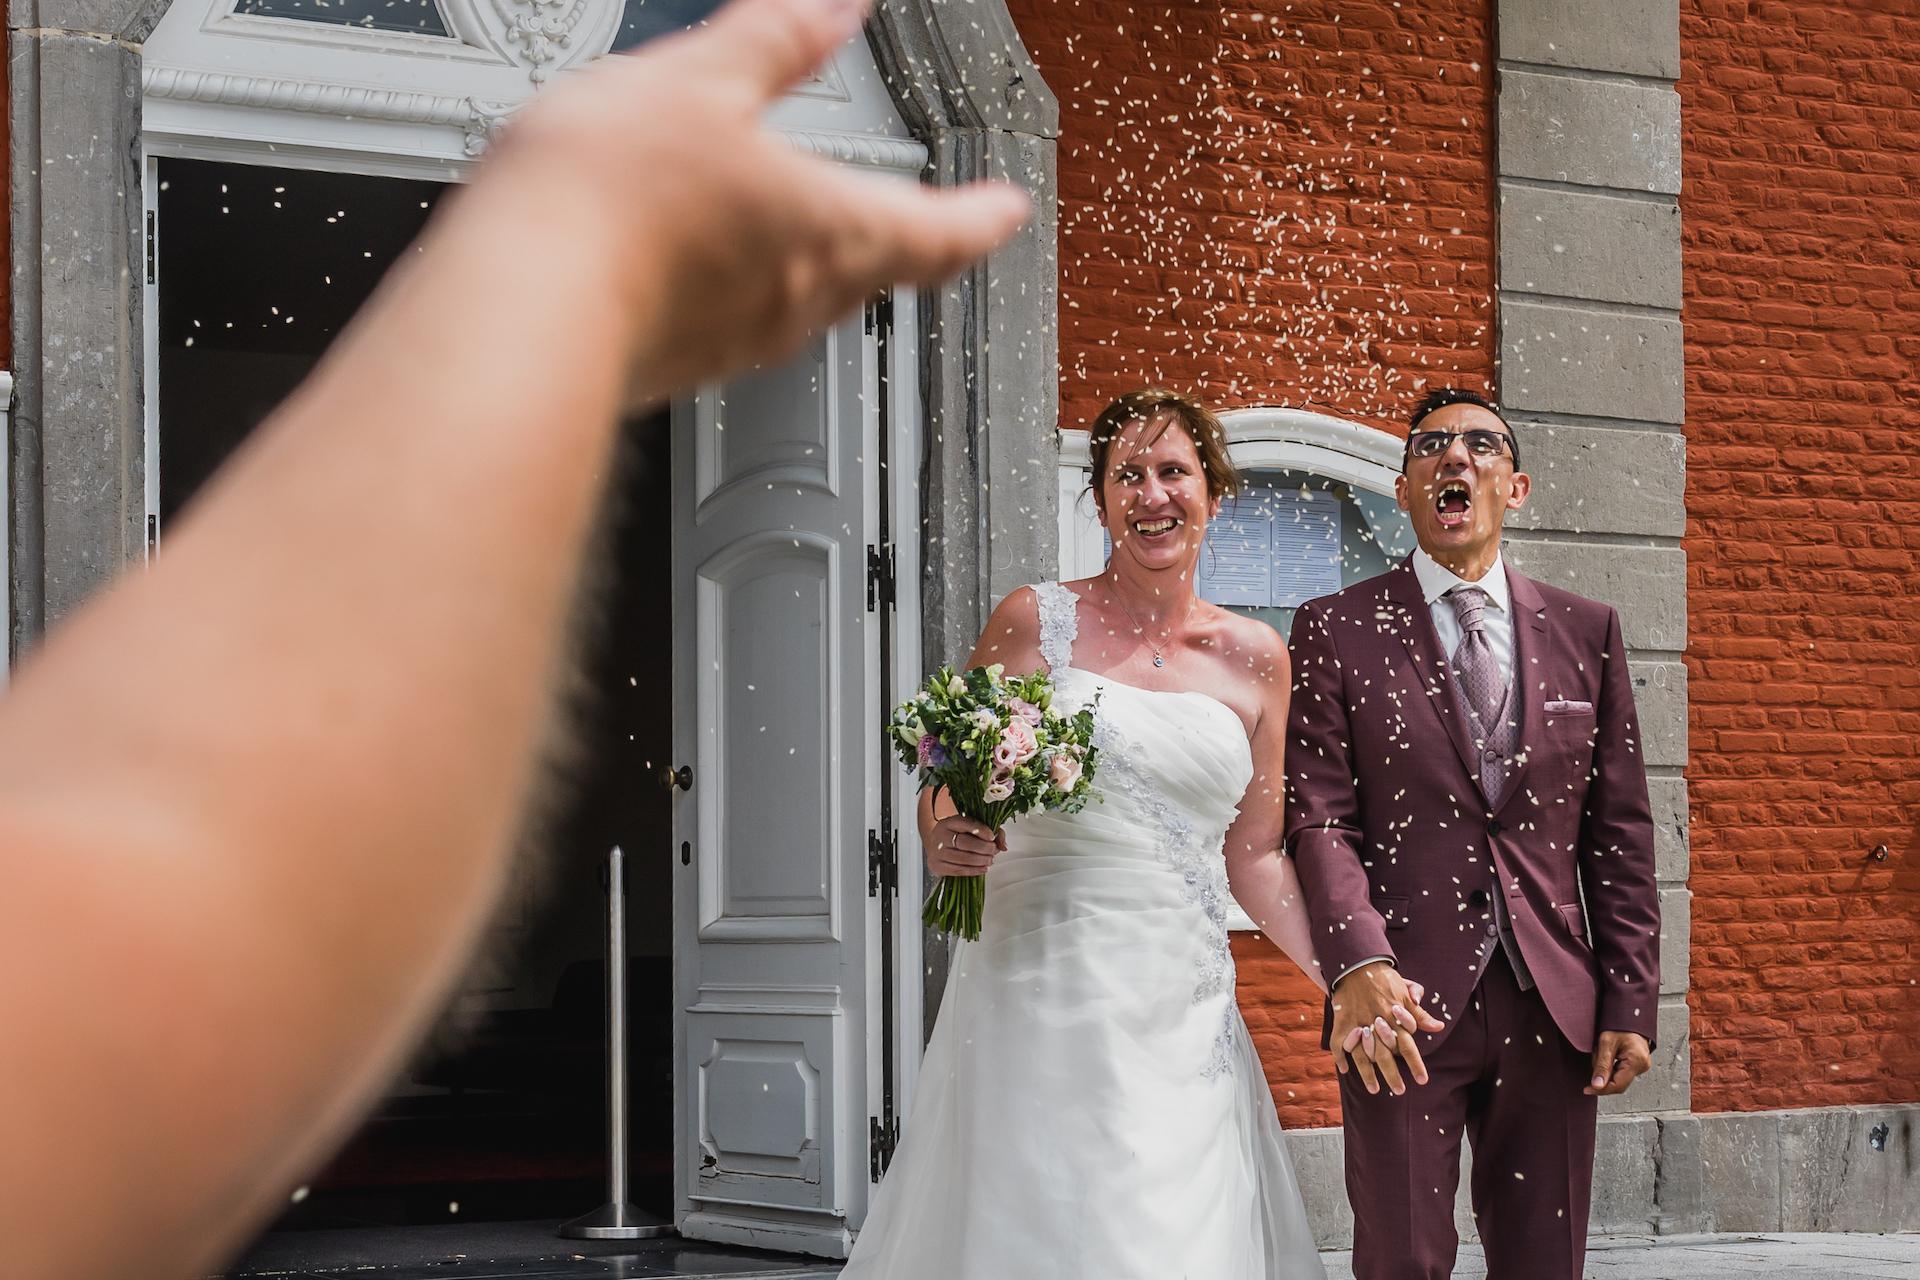 Imagen de la ceremonia de fuga de COVID del Ayuntamiento belga de Sint-Truiden | Al salir del Ayuntamiento, los miembros de la familia y los invitados arrojan arroz